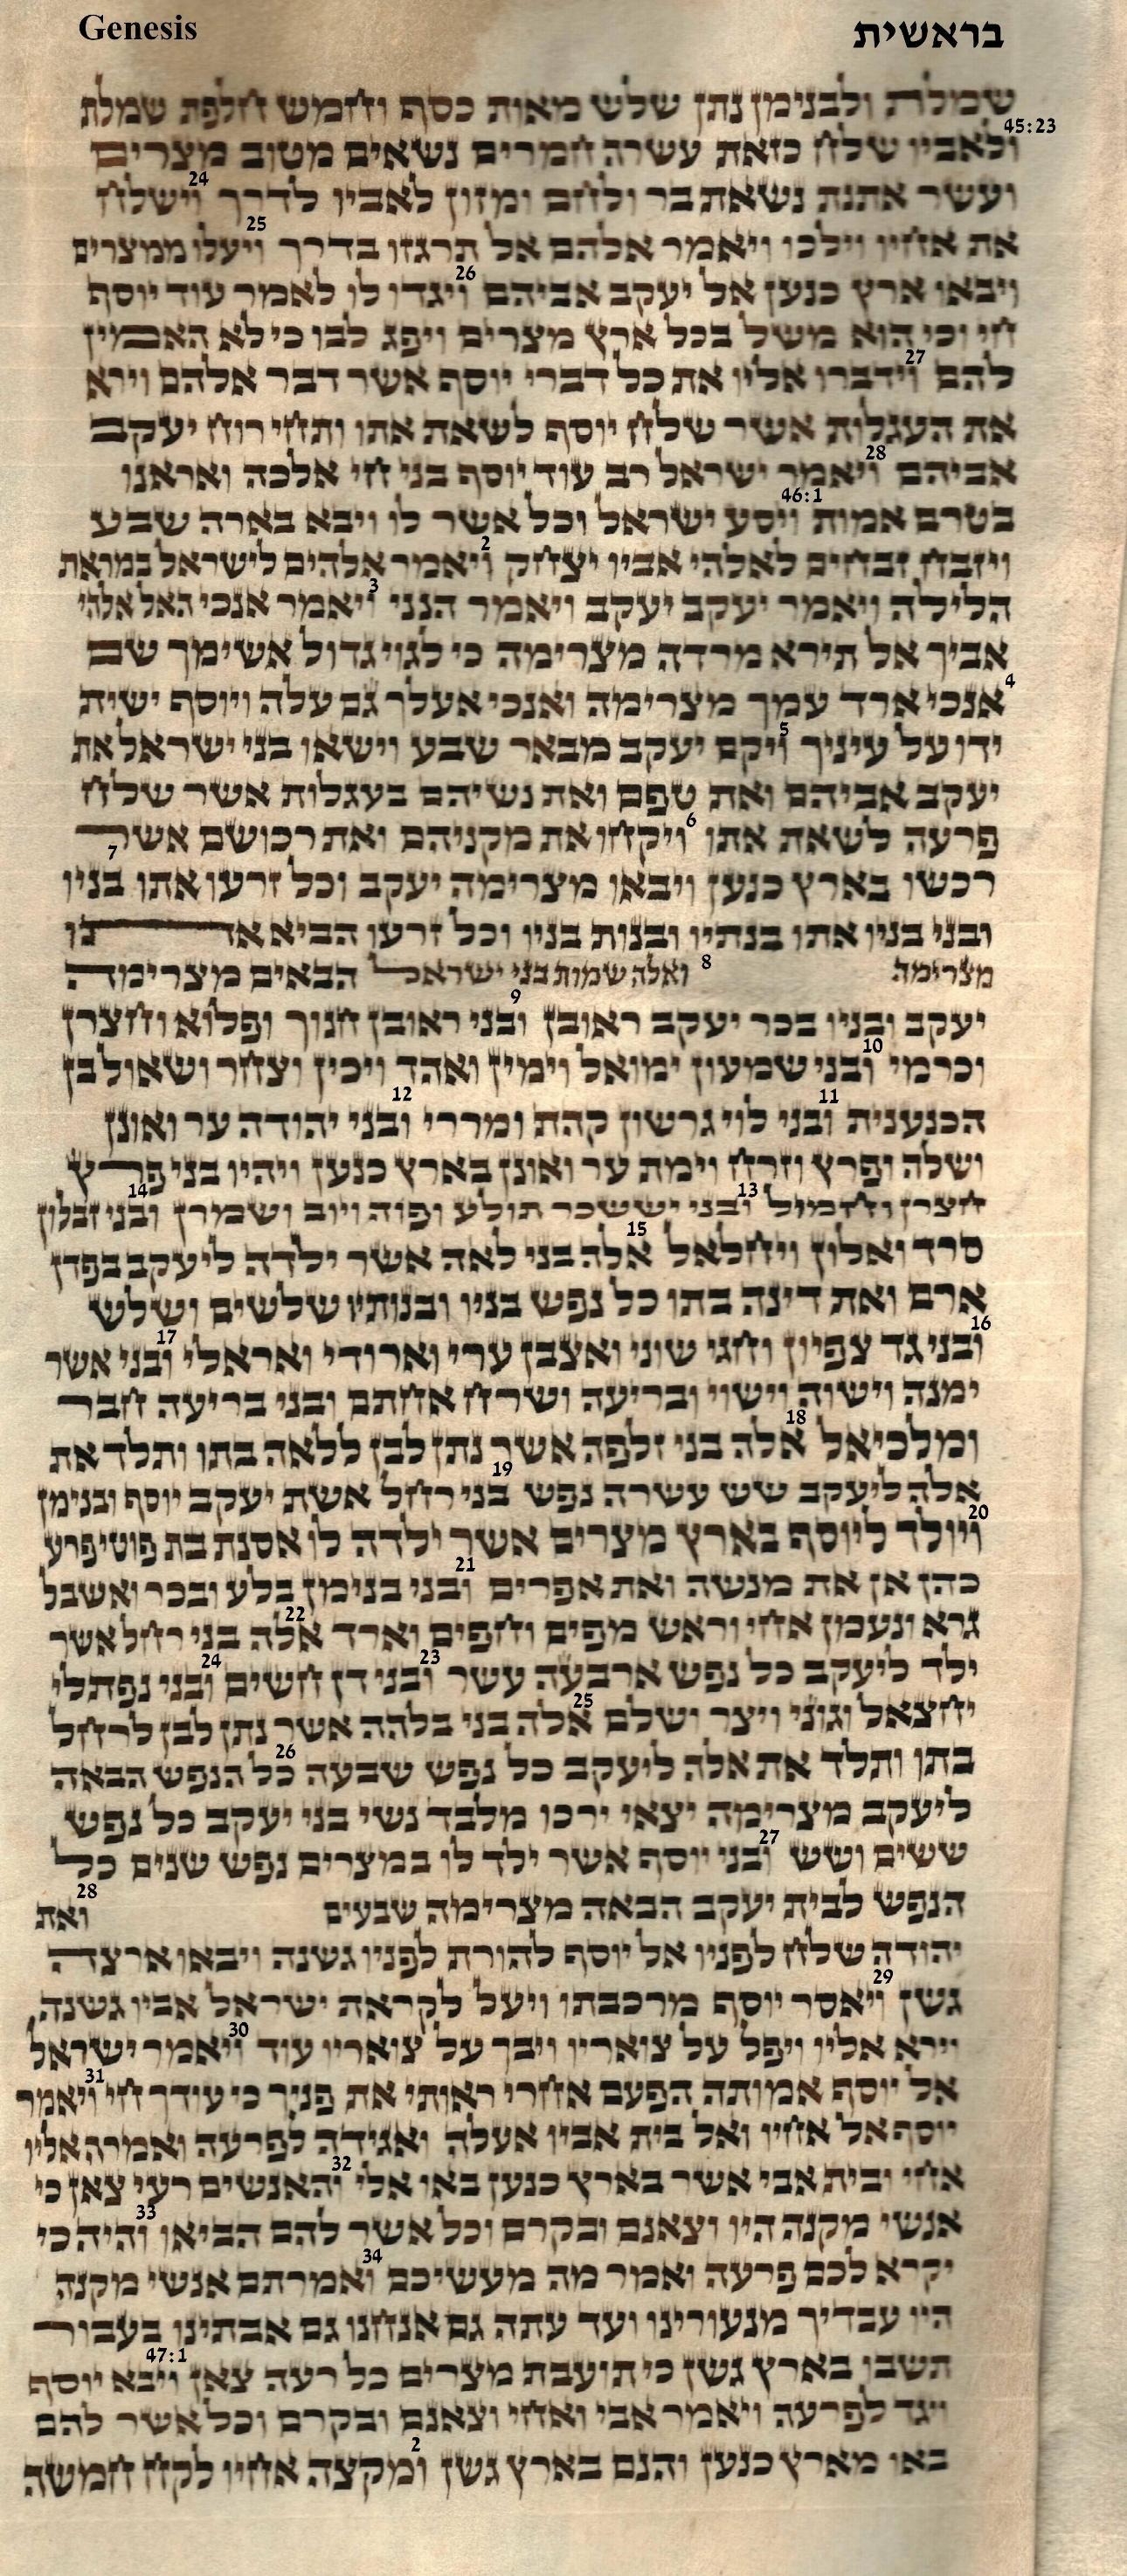 Genesis 45.23 - 47.2